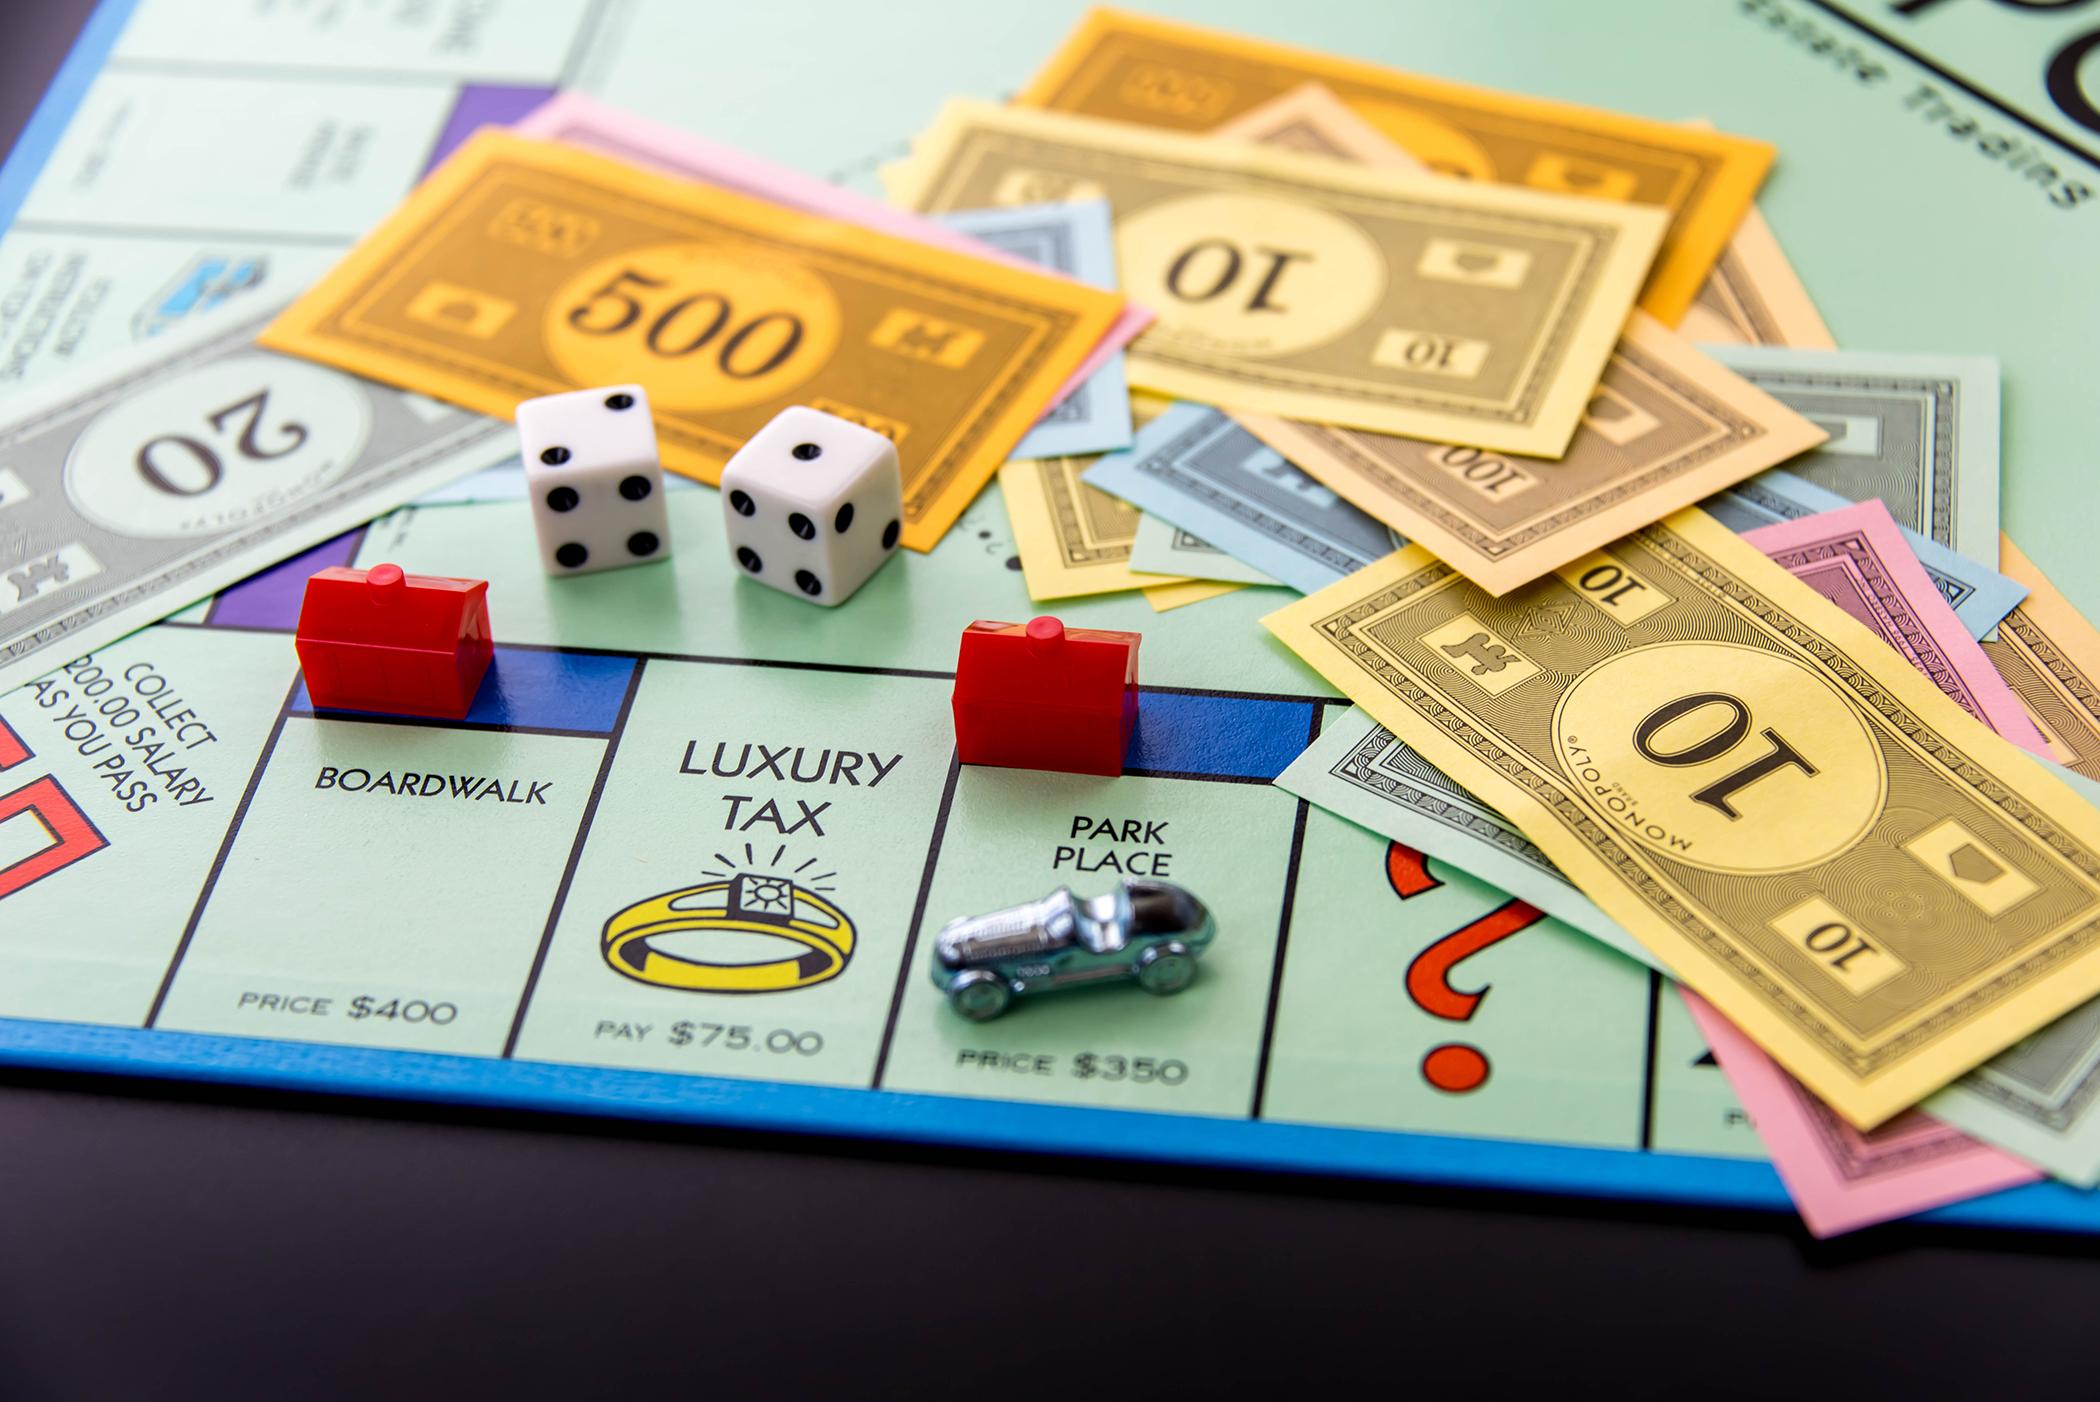 игры с деньгами картинки рассуждения соцсетях артистка